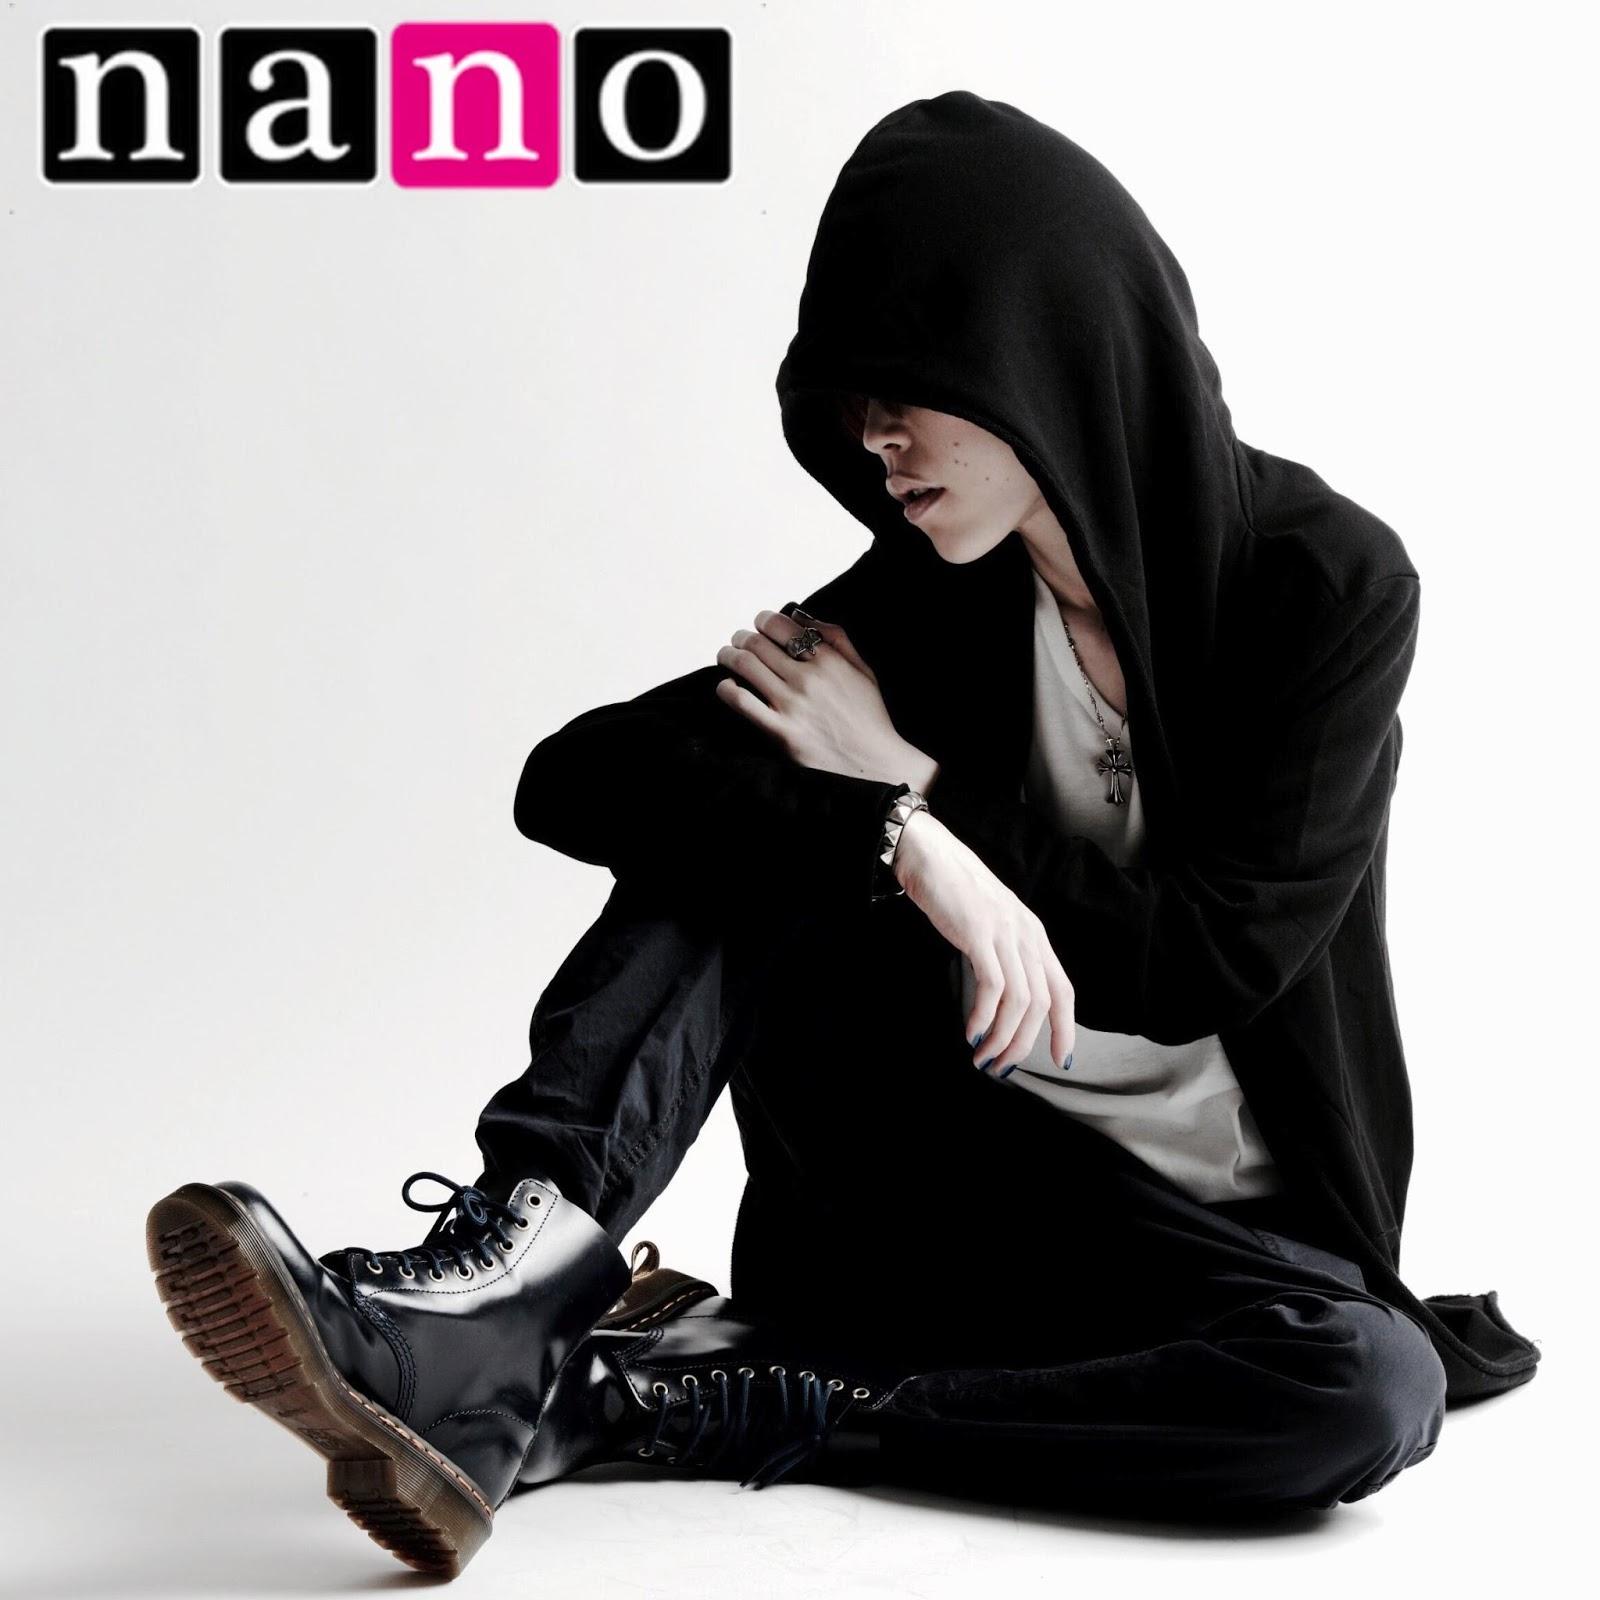 Nano Japanese Singer Gallery